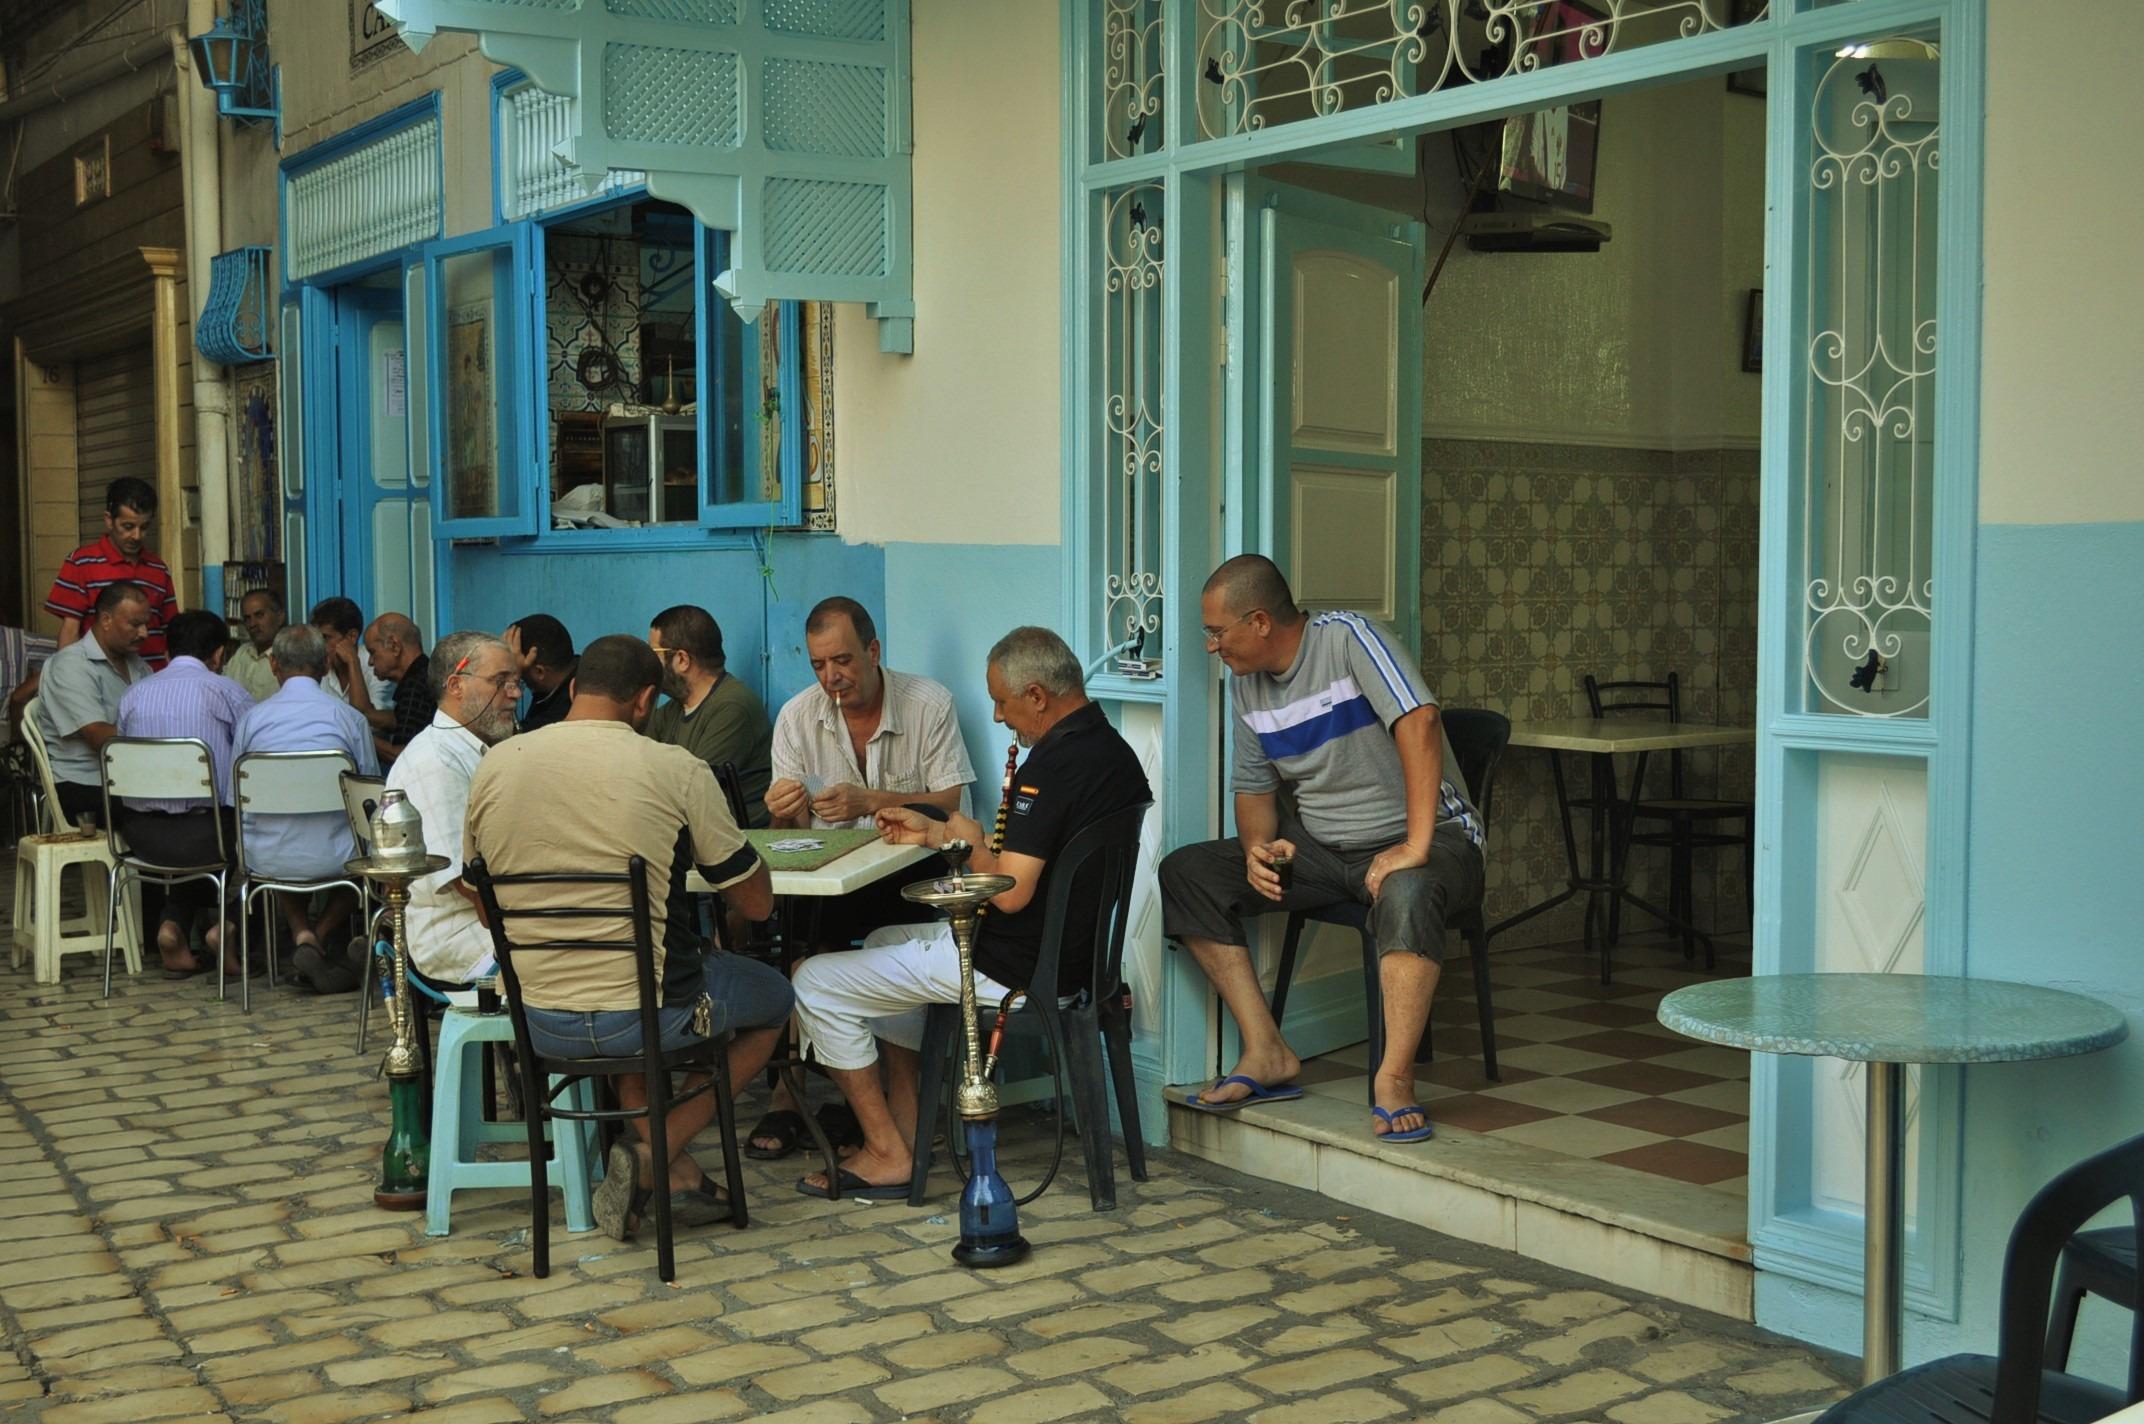 Обичат да бездействат по цял ден по кафенетата, докато жените им опъват каиша вкъщи. Позната картинка